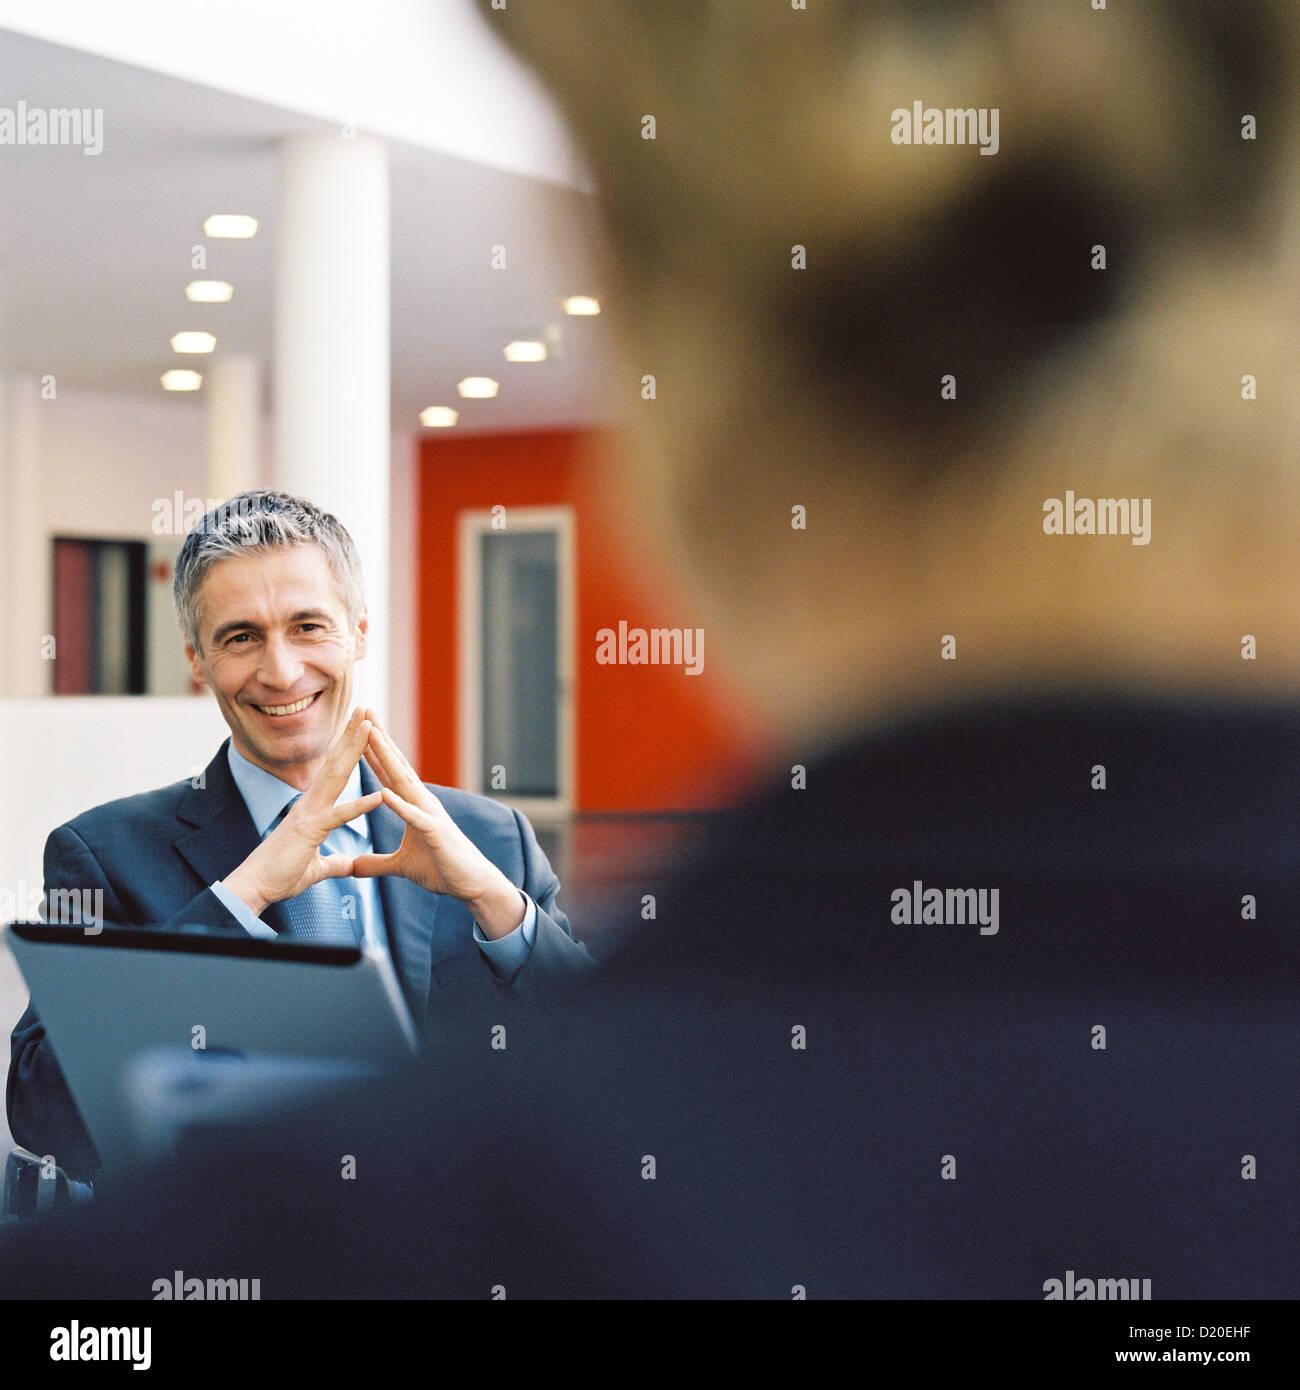 Geschäftsleute mit Laptop bei der Erfüllung lizenzfrei außer anzeigen und Plakate Stockbild